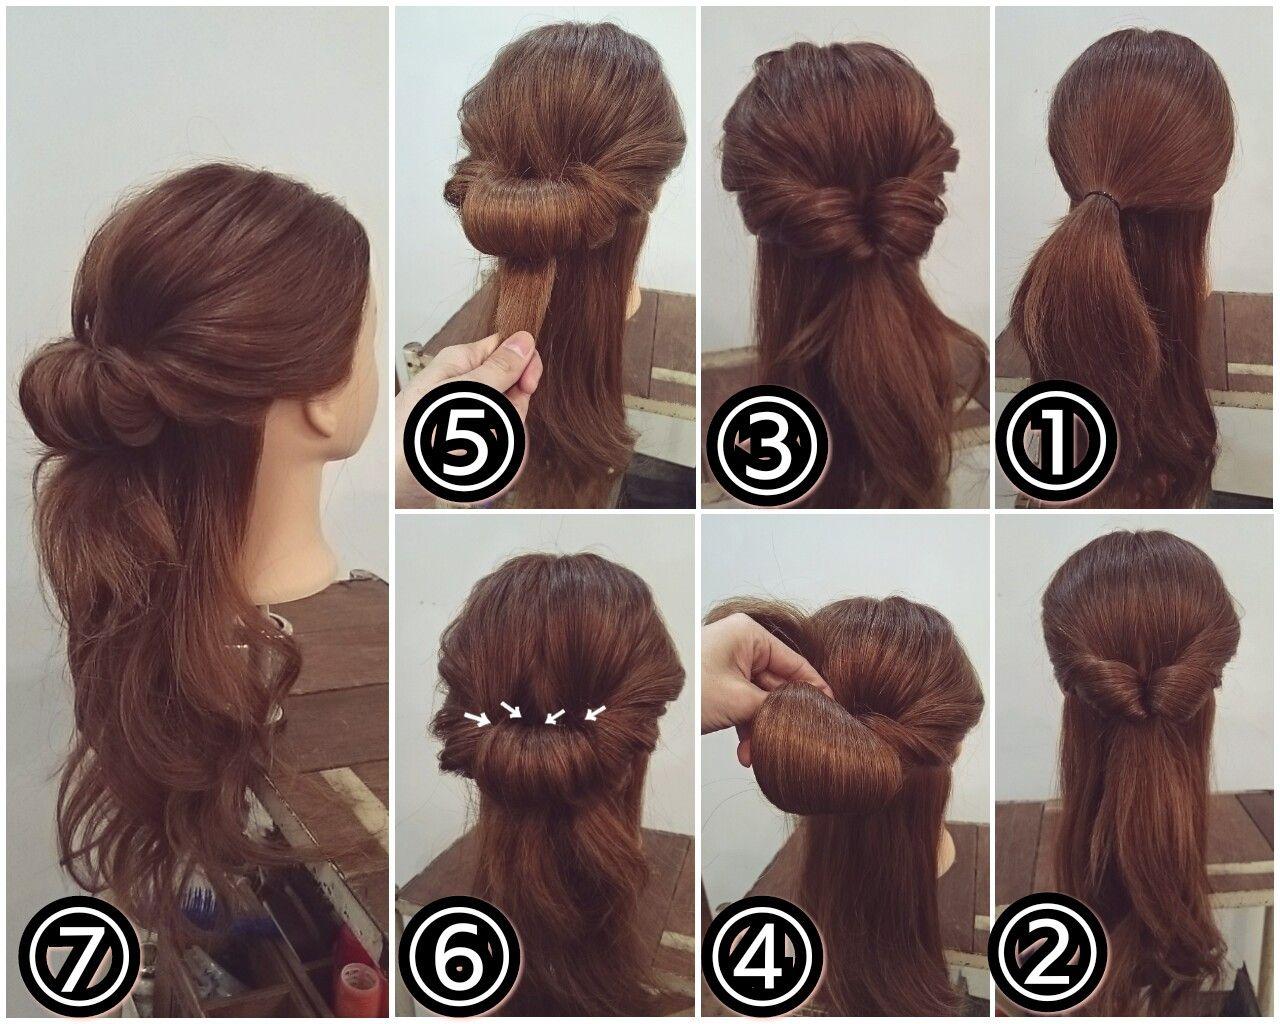 ヘアアレンジ Https Www Instagram Com Nest Hairsalon ヘアスタイリング 簡単ヘアアレンジ ロング まとめ髪 簡単ヘア